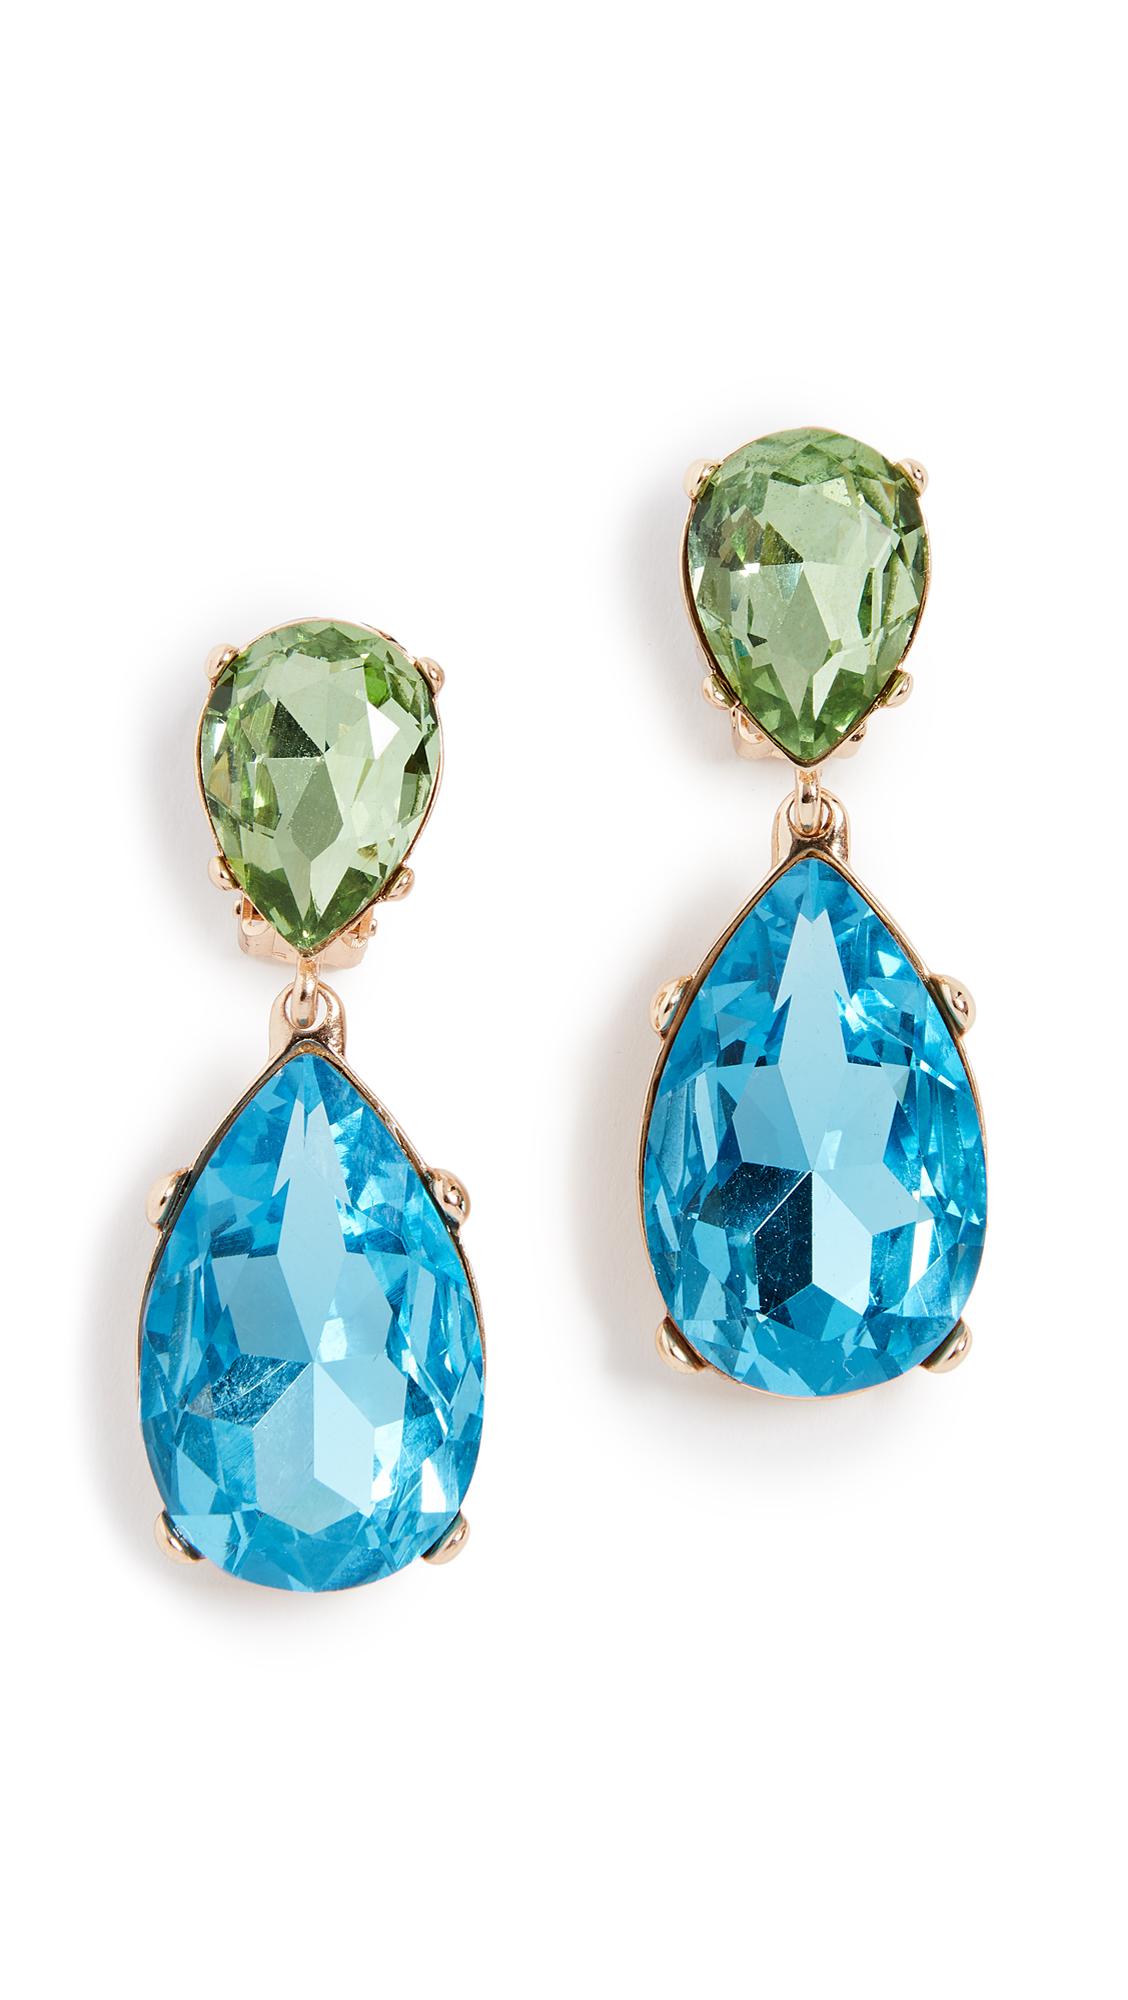 Kenneth Jay Lane Double Teardrop Clip On Earrings In Gold/Peridot/Aqua